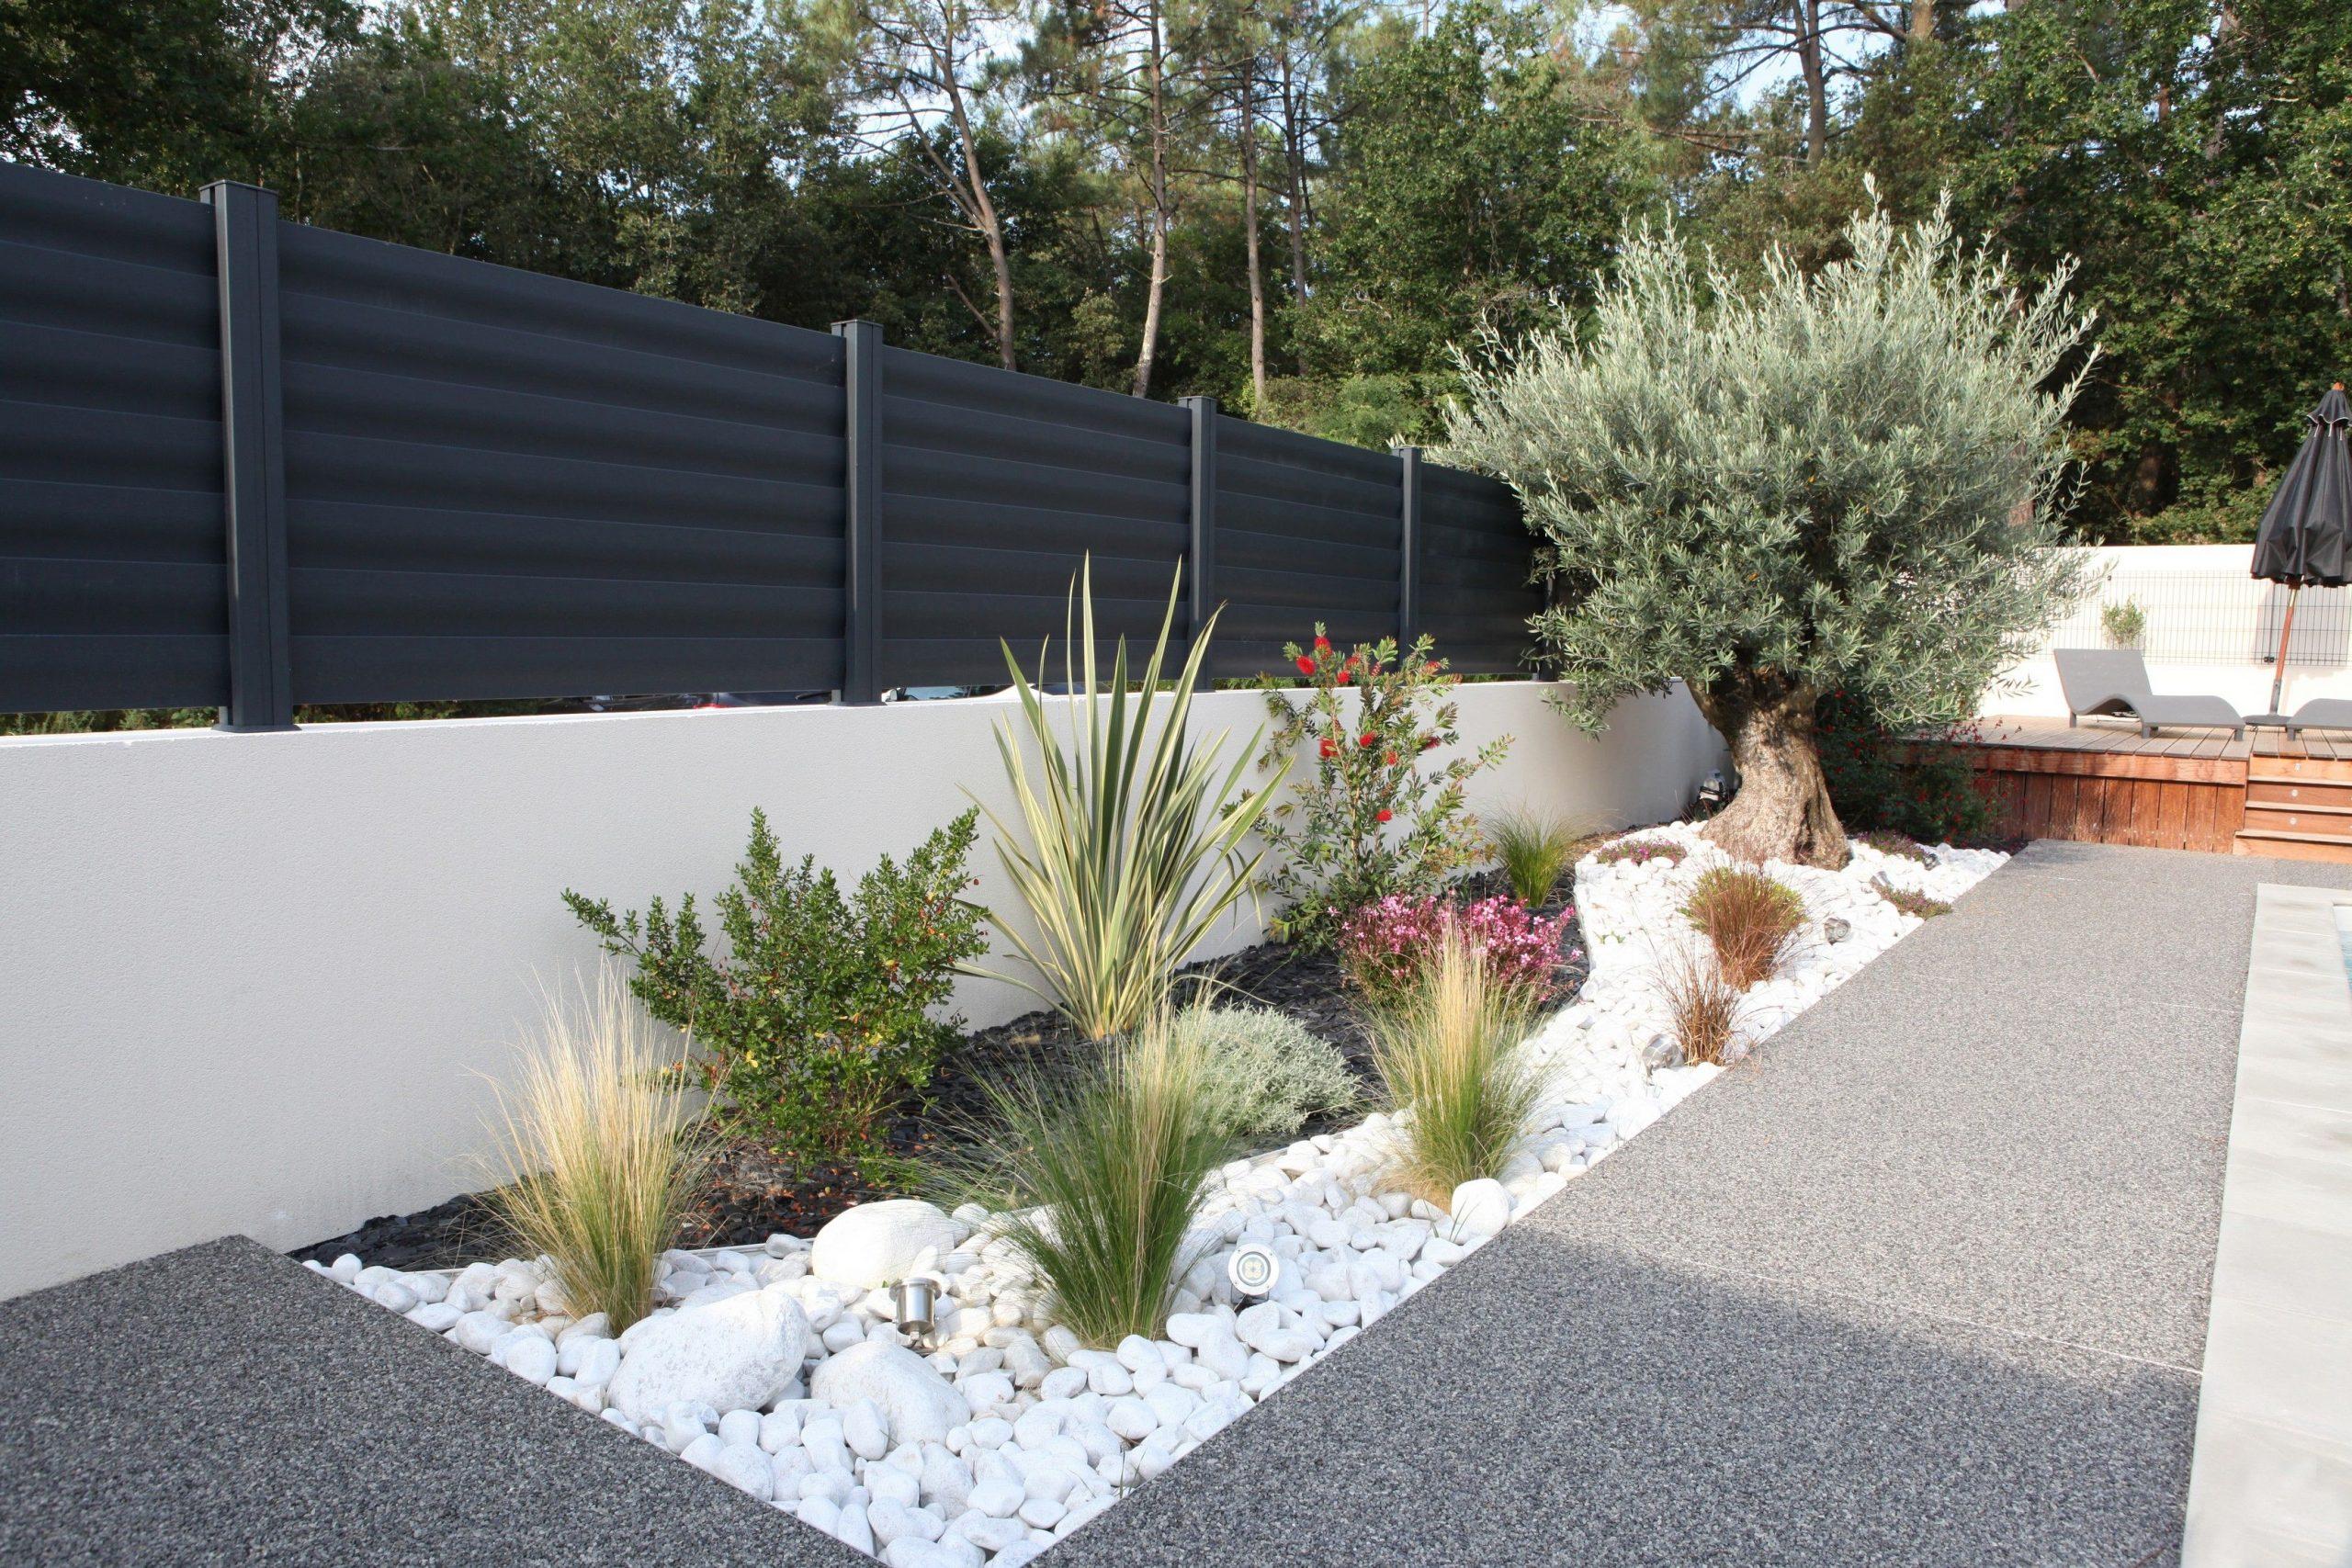 Clôtures Aluminium Modèle Brise Vue #menuiserie #cloturel ... tout Clotures De Jardin